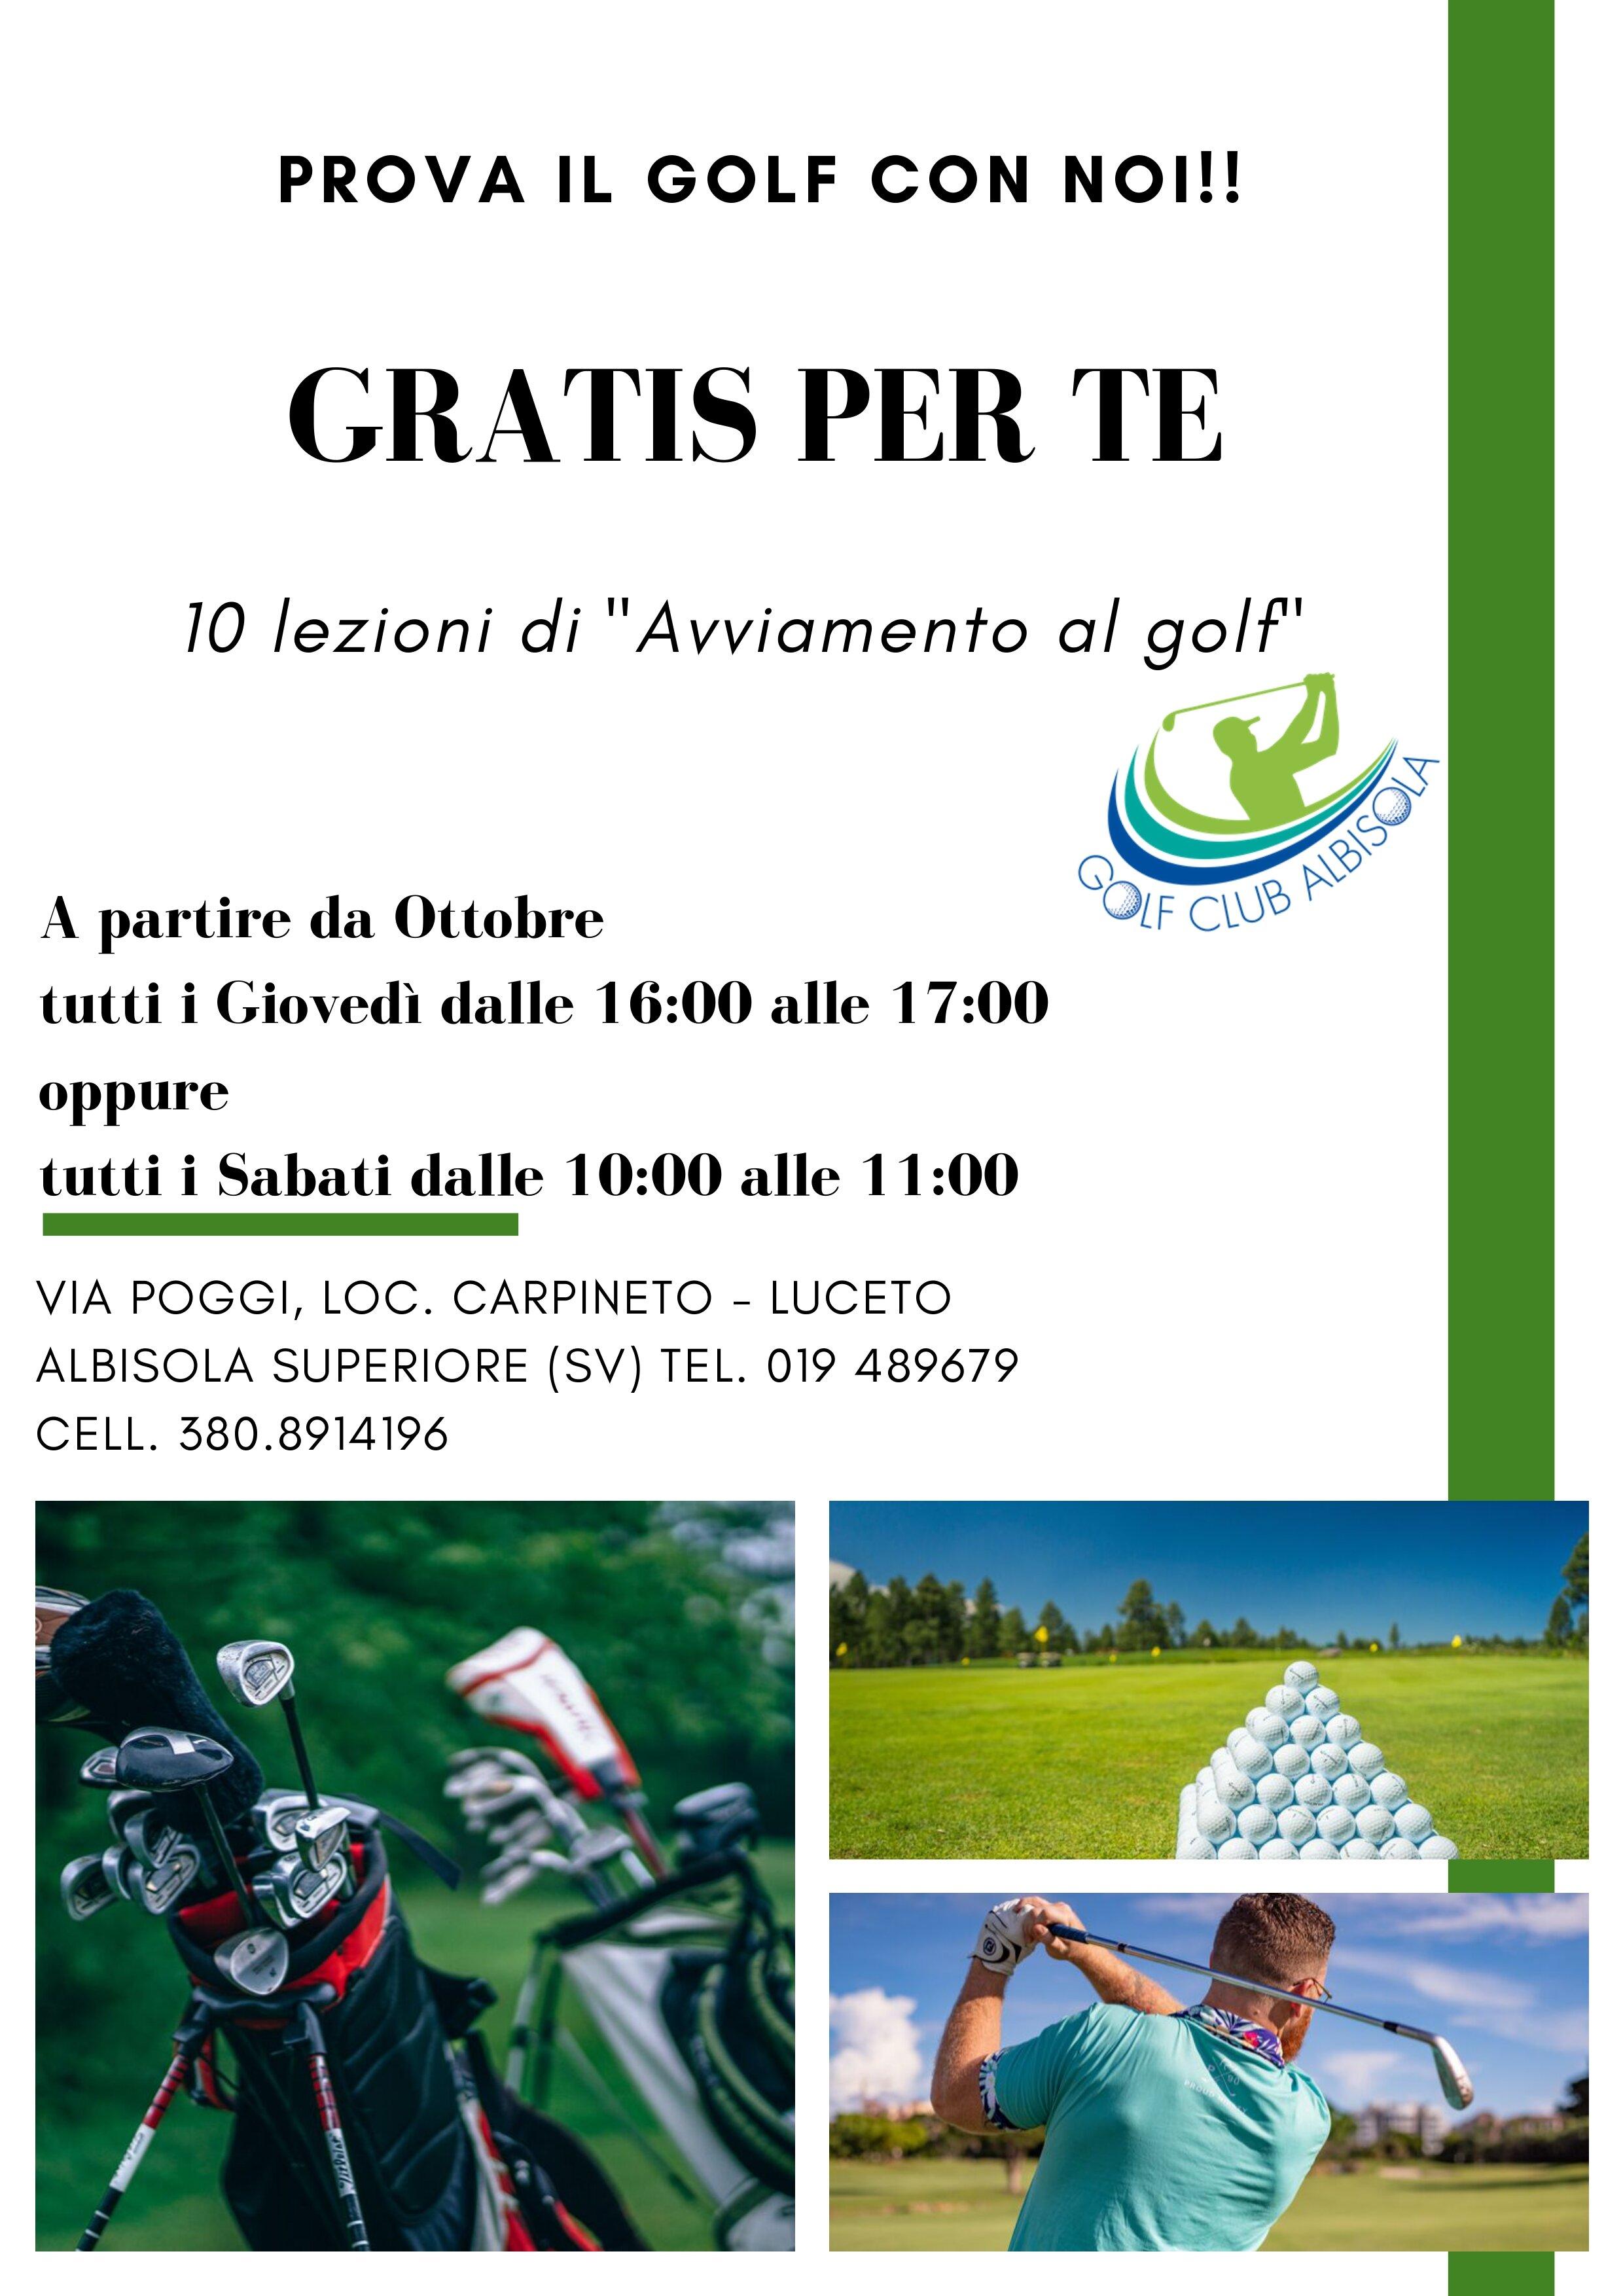 avv golf 2_page-0001.jpg